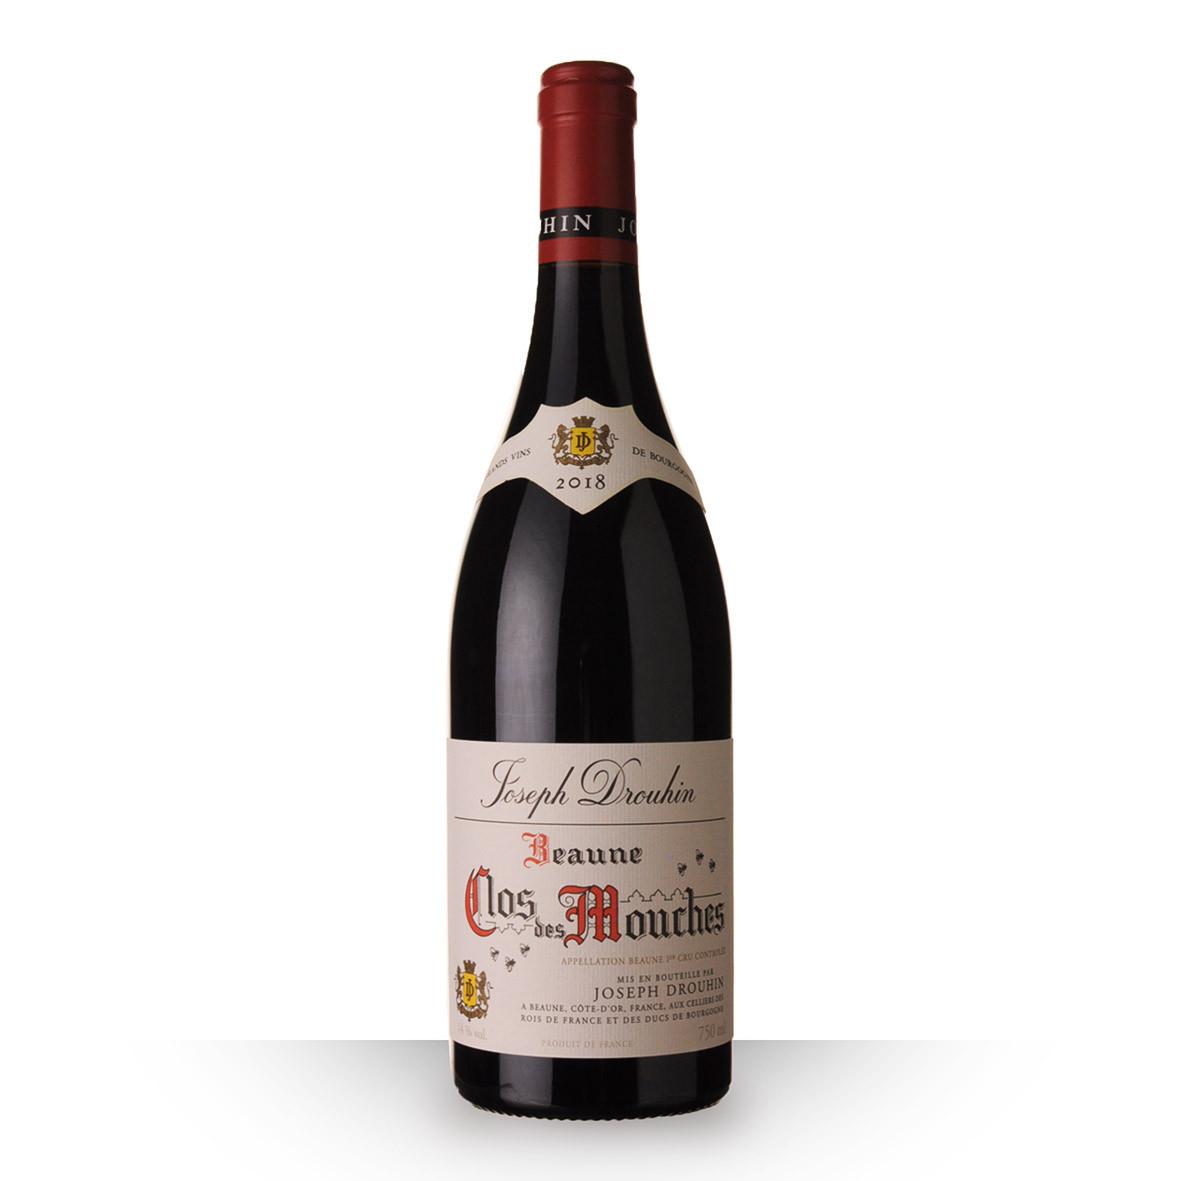 Joseph Drouhin Beaune 1er Cru Clos des Mouches Rouge 2018 75cl www.odyssee-vins.com